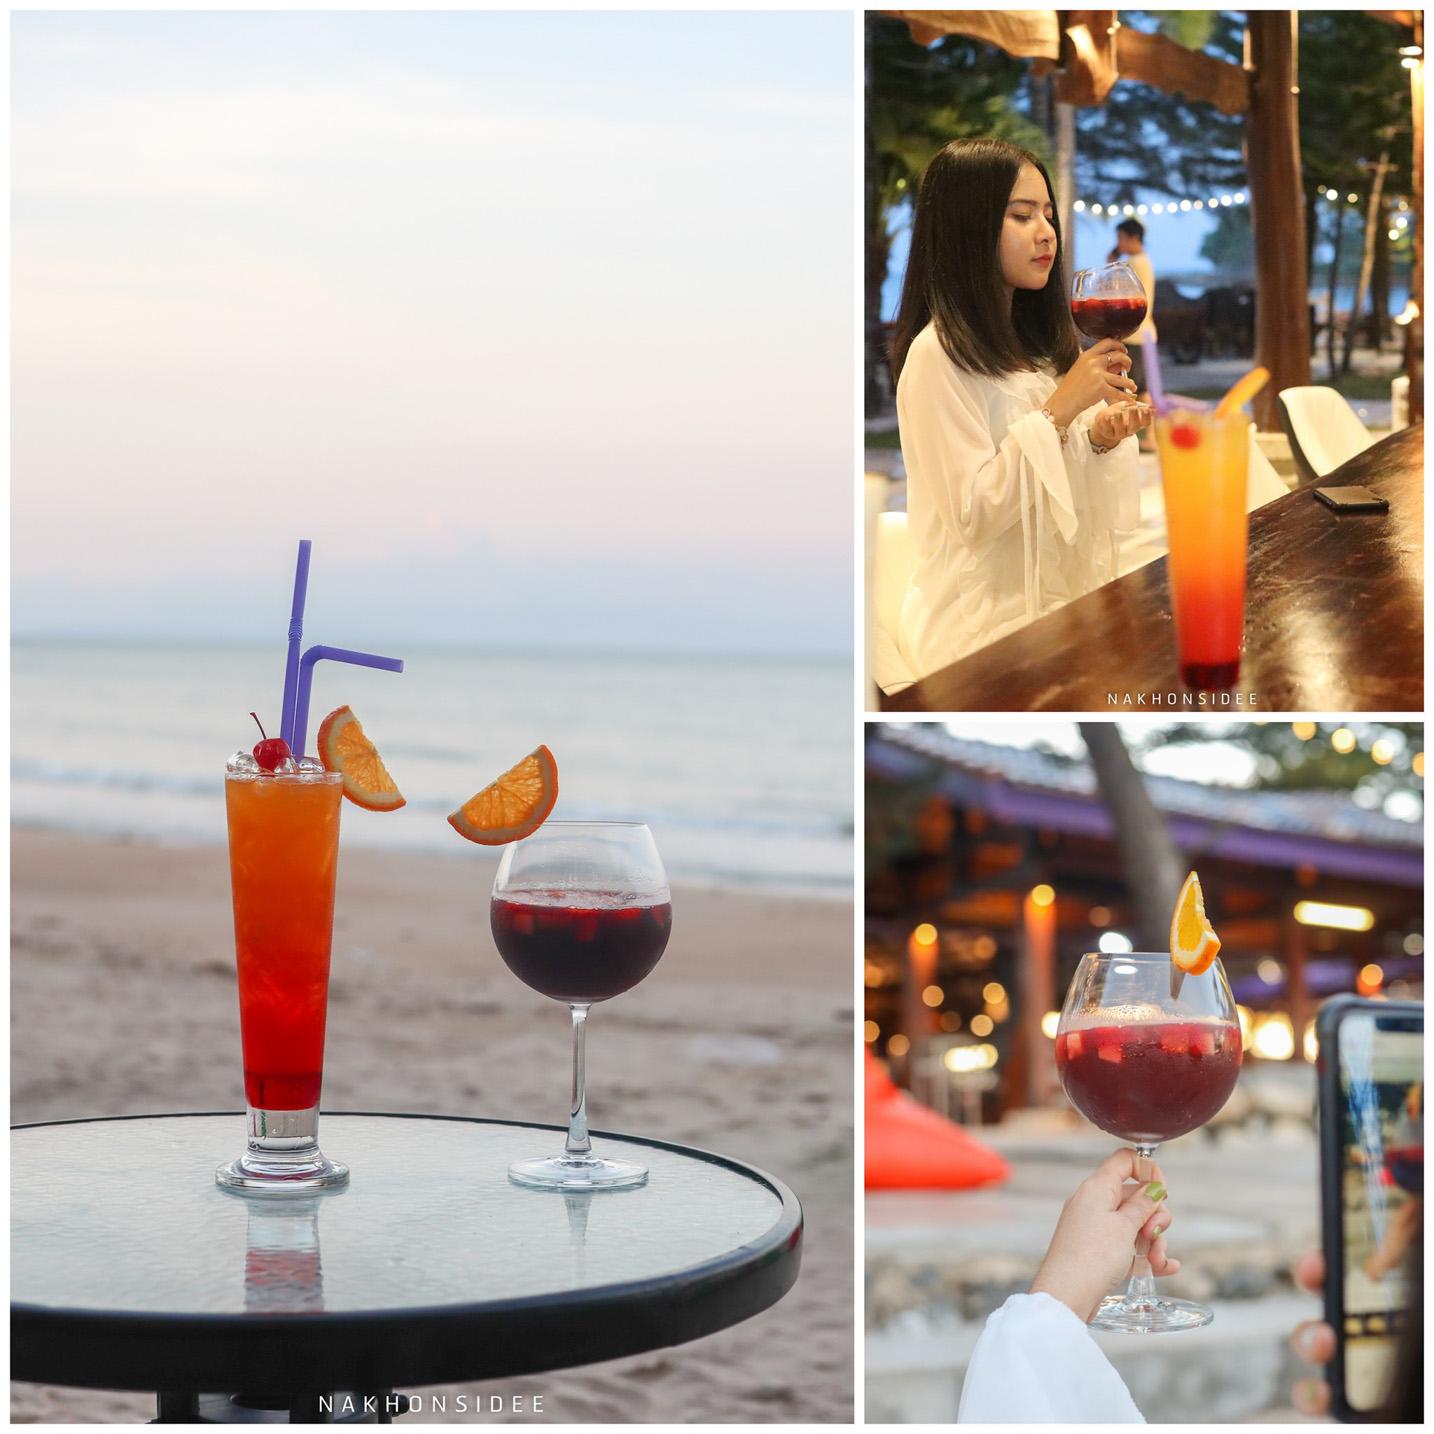 หน้าหาดบรรยากาศดี-พร้อมเครื่องดื่มอร่อยย  อ่าวสิชล,ซีฟู๊ด,ของกิน,ร้านอาหารทะเล,ริมทะเล,สิชล